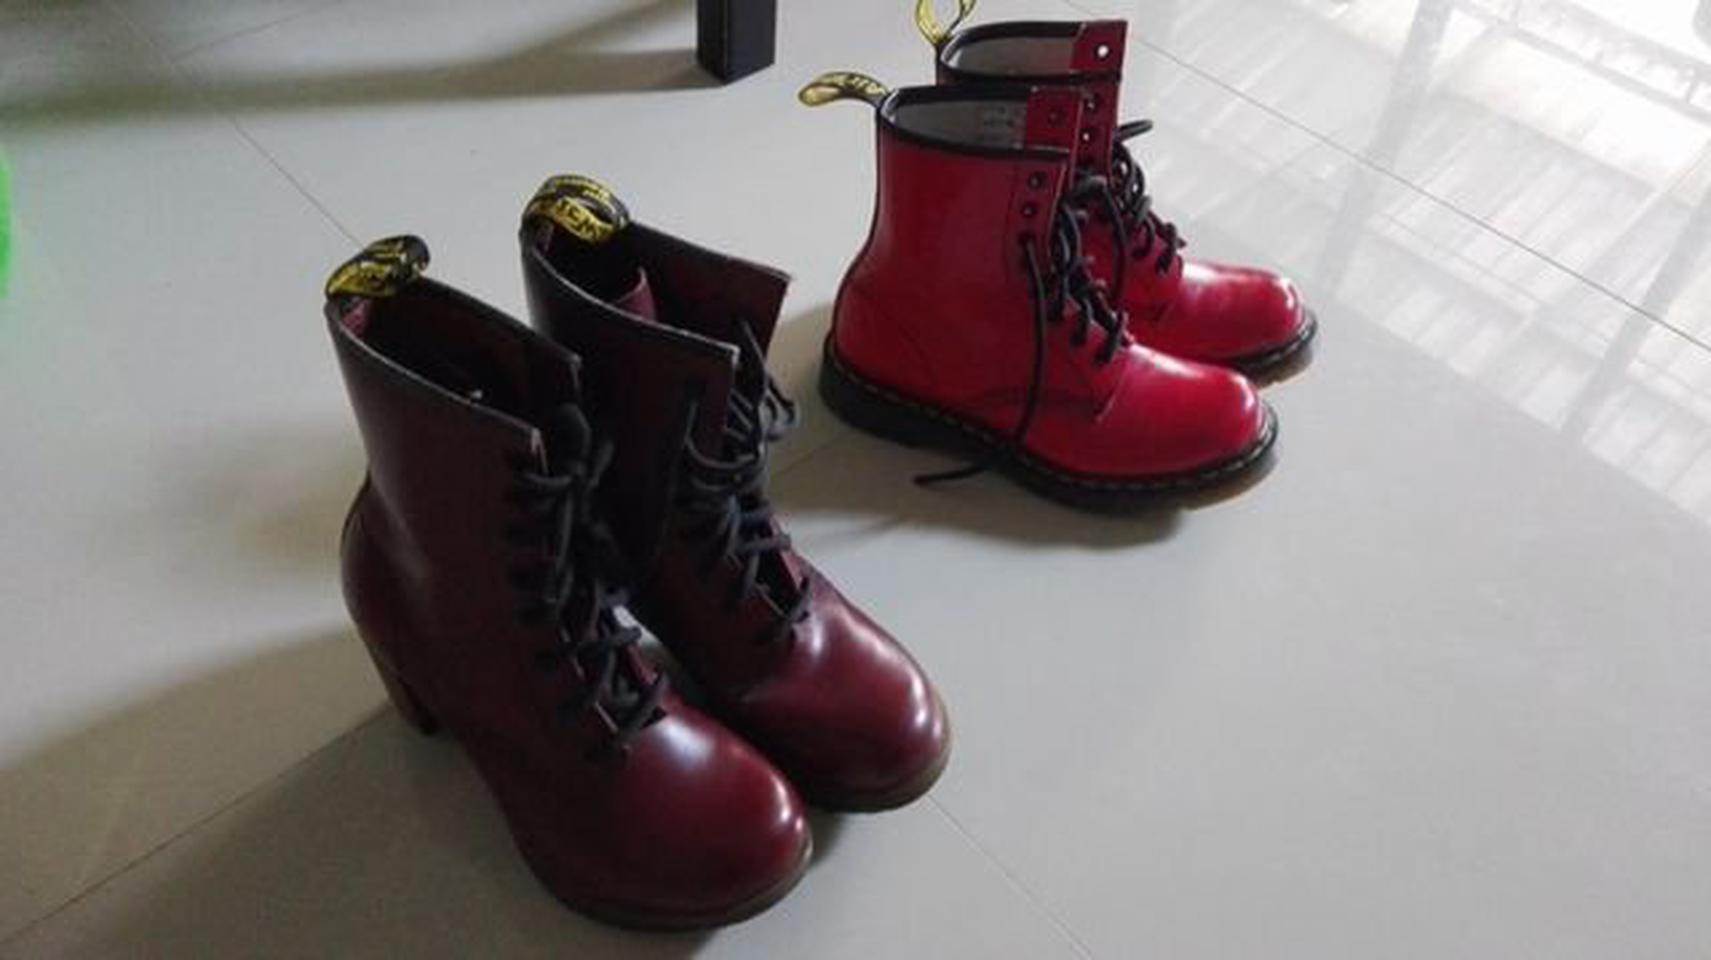 รองเท้า Dr. Martens SADIE High heeled ankle boots รูปที่ 2